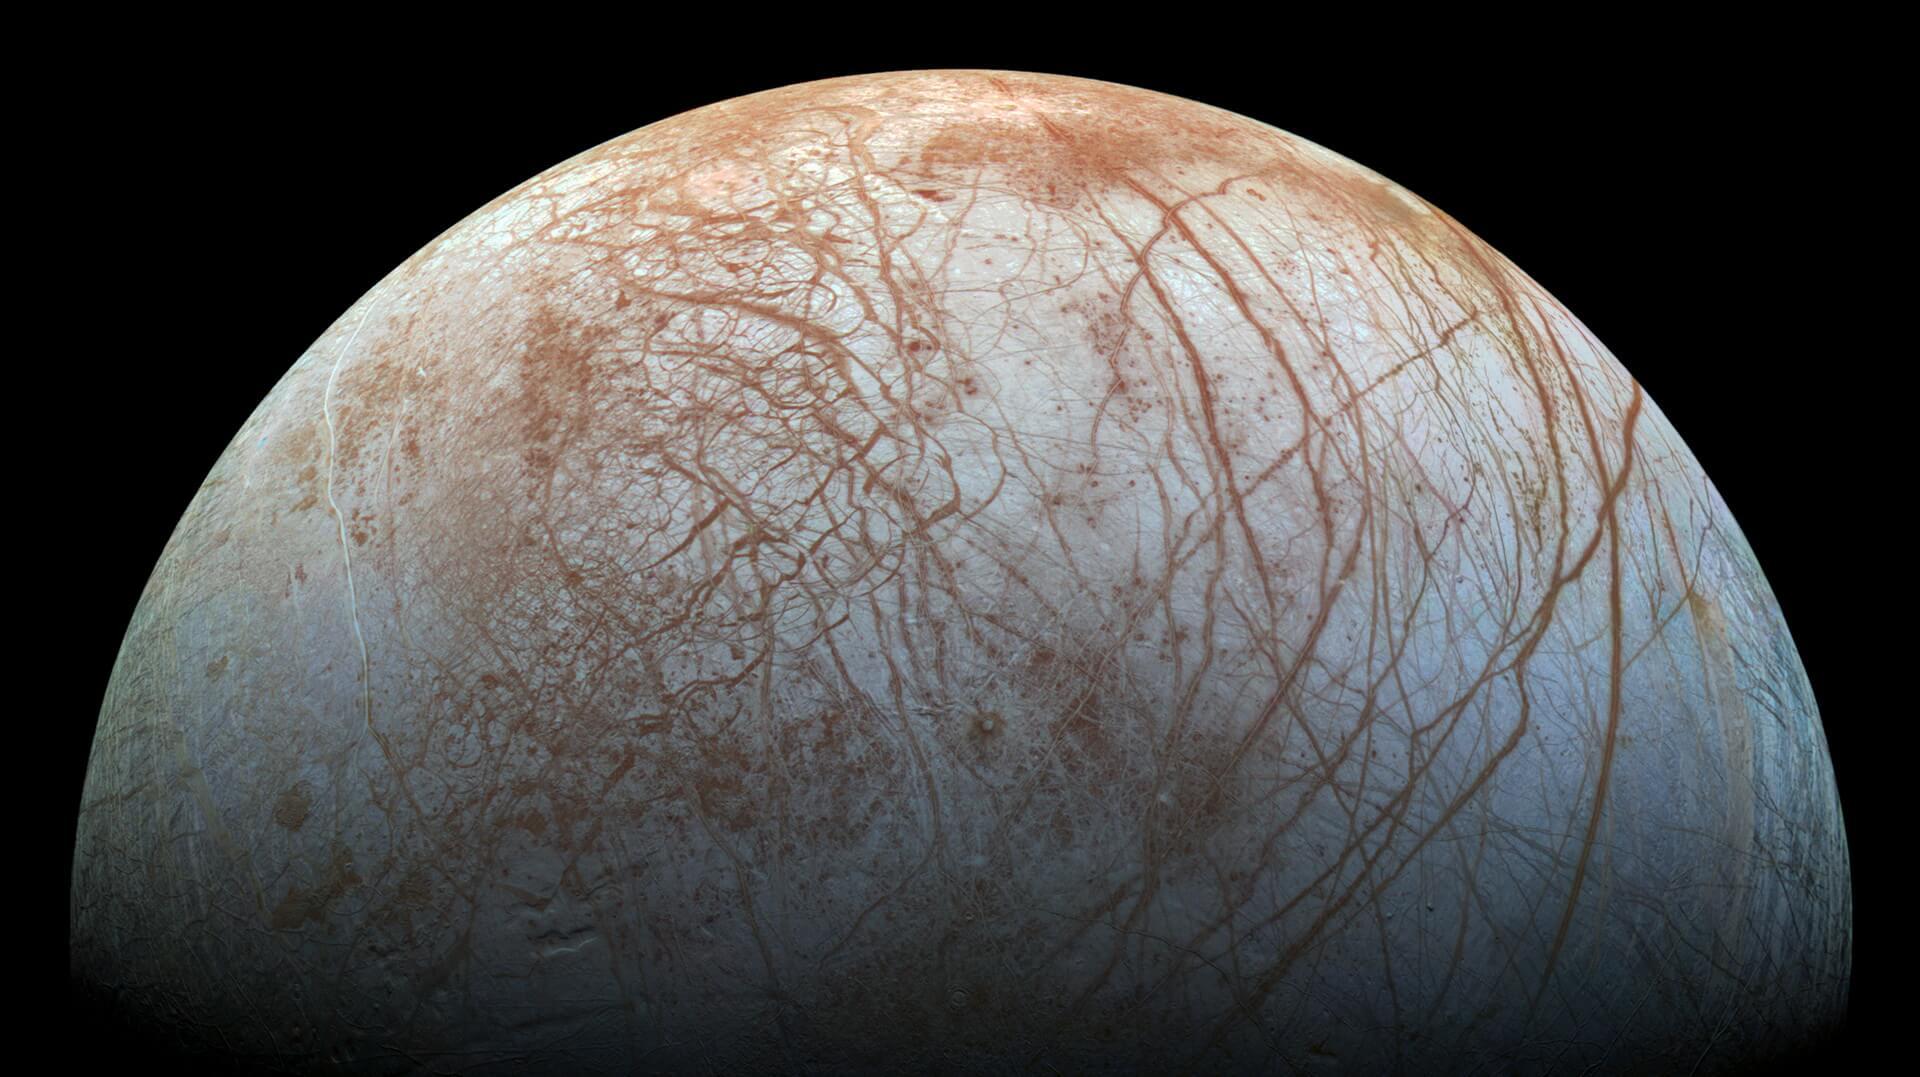 Ледяной спутник Юпитера покрыт острыми 15-метровыми шипами